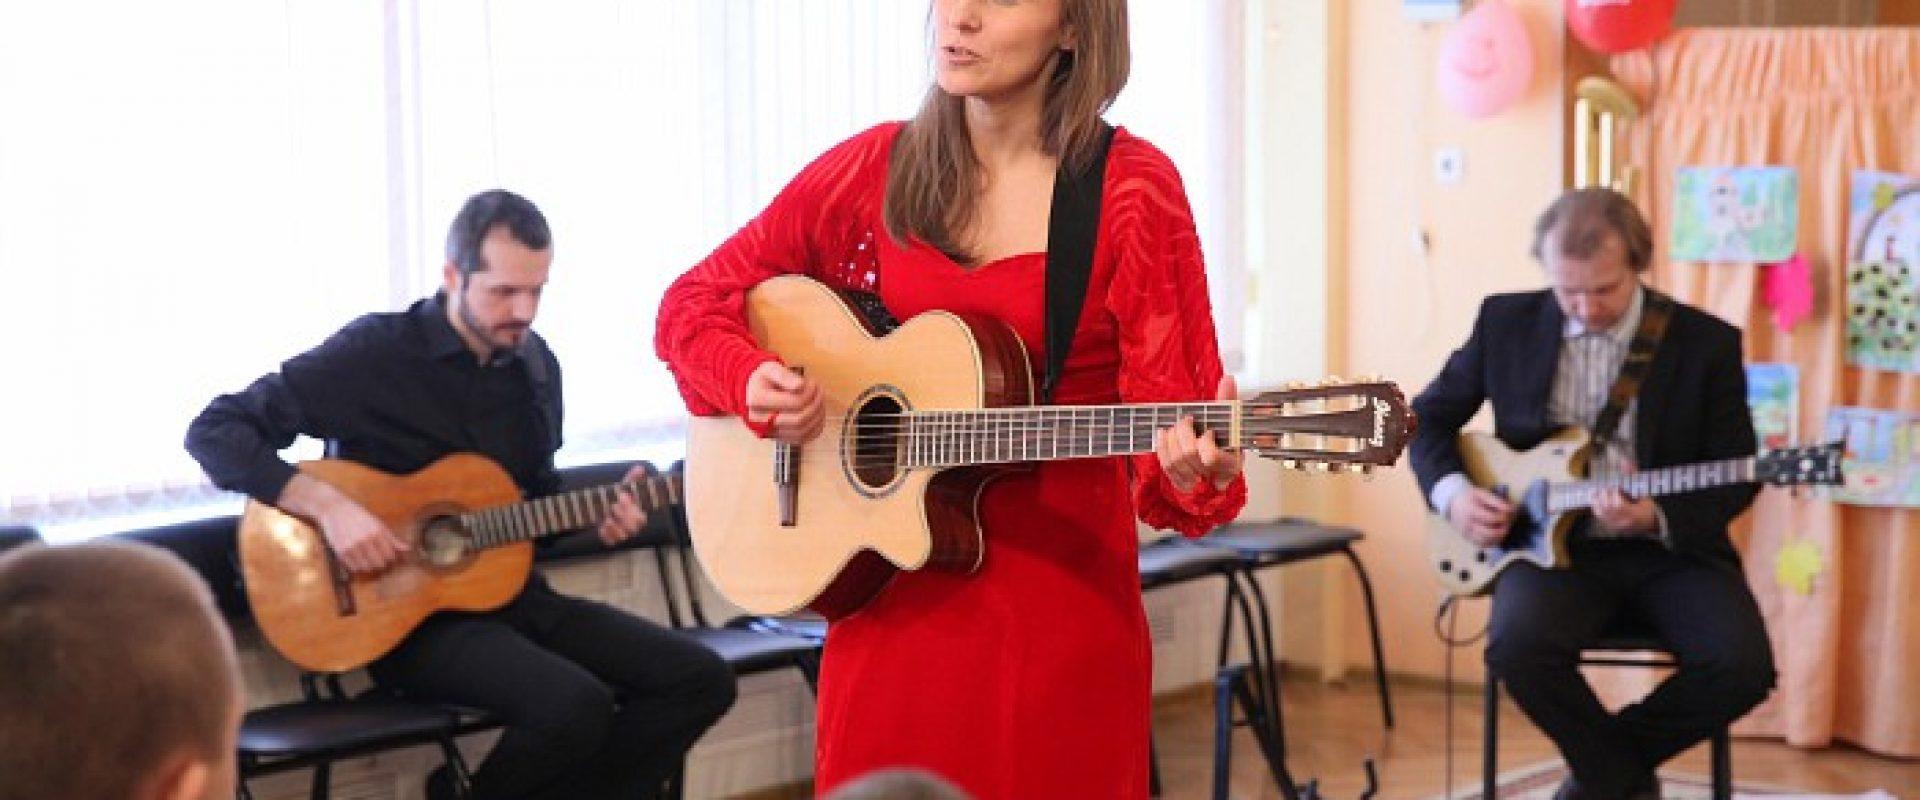 Игорь Лазарев, Мила Кириевская, волонтеры